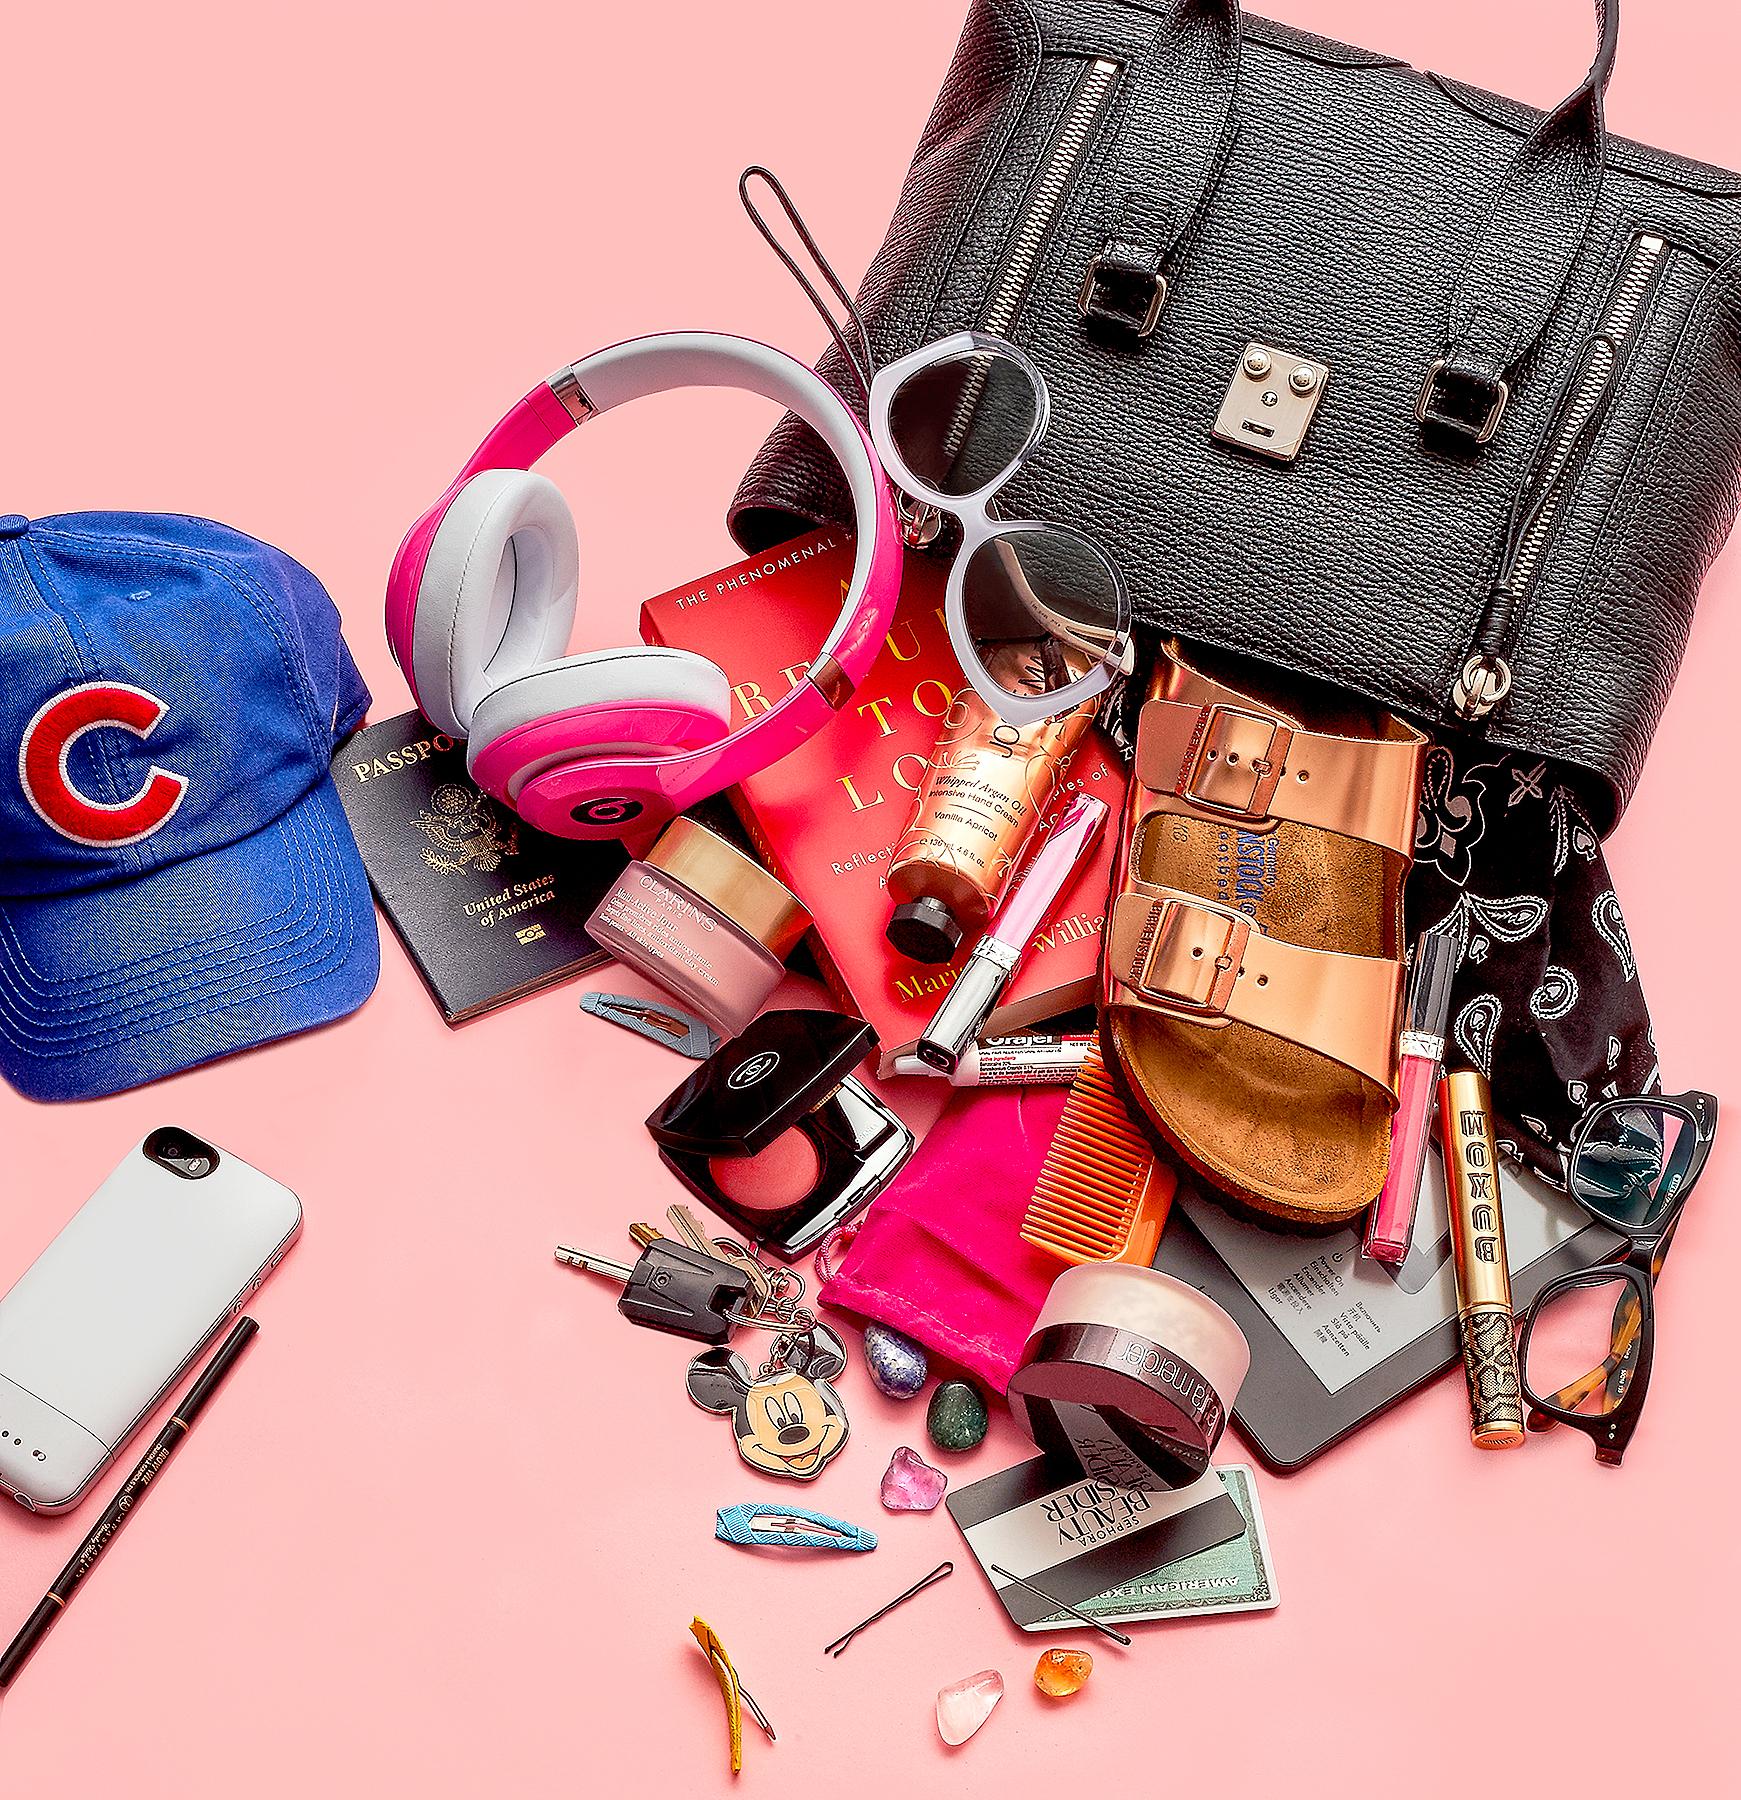 Keke Palmer's bag